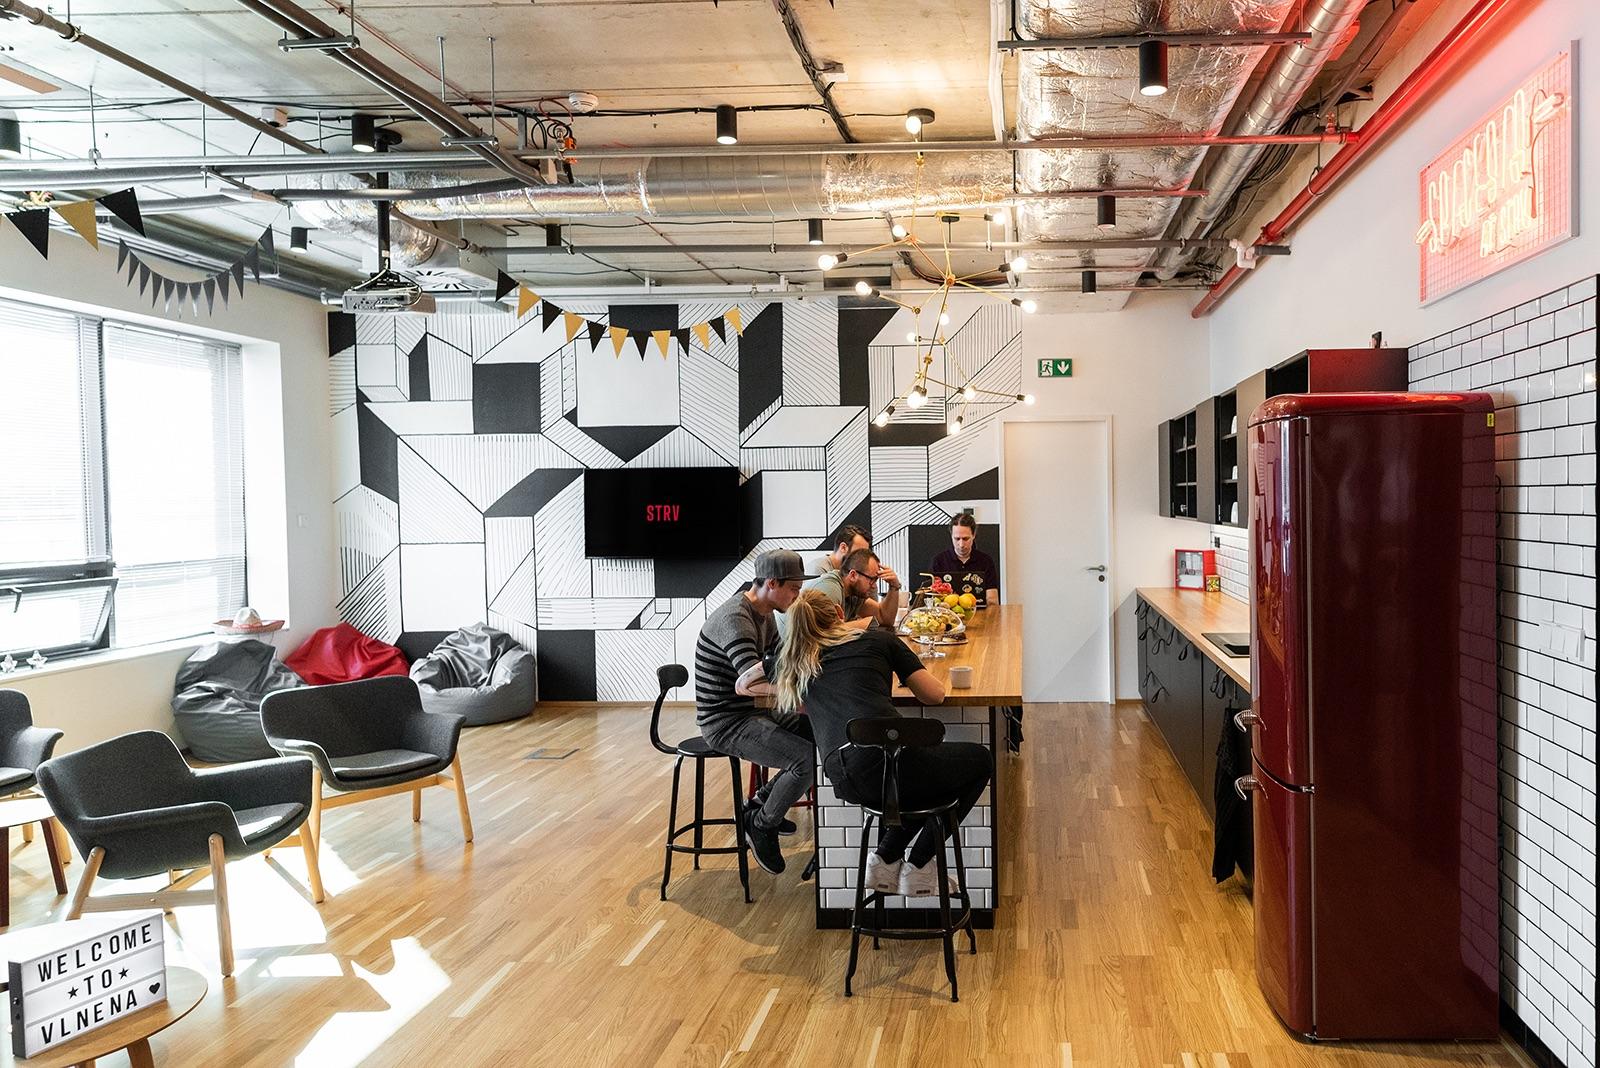 Breakout zóna a kuchyň nových kanceláří STRV v Brně